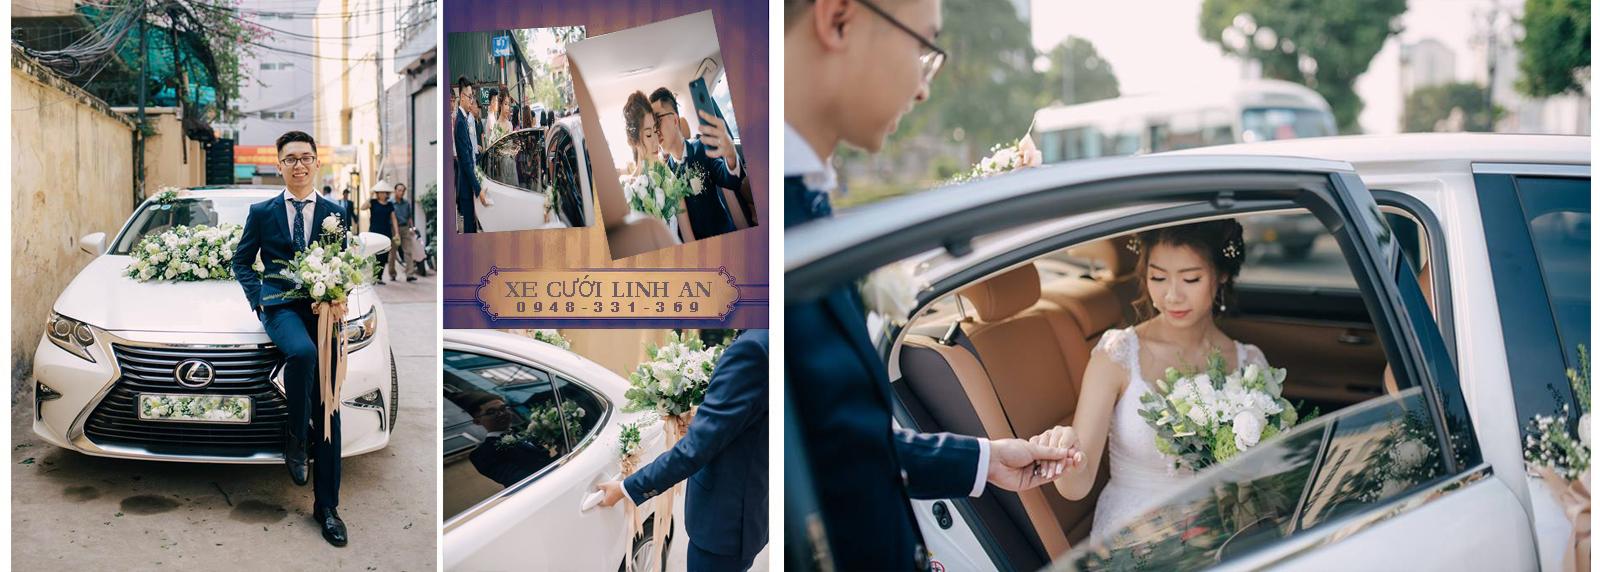 Thuê Xe Du Lịch Có Lái 4 - 45 Chỗ - Xe Linh An